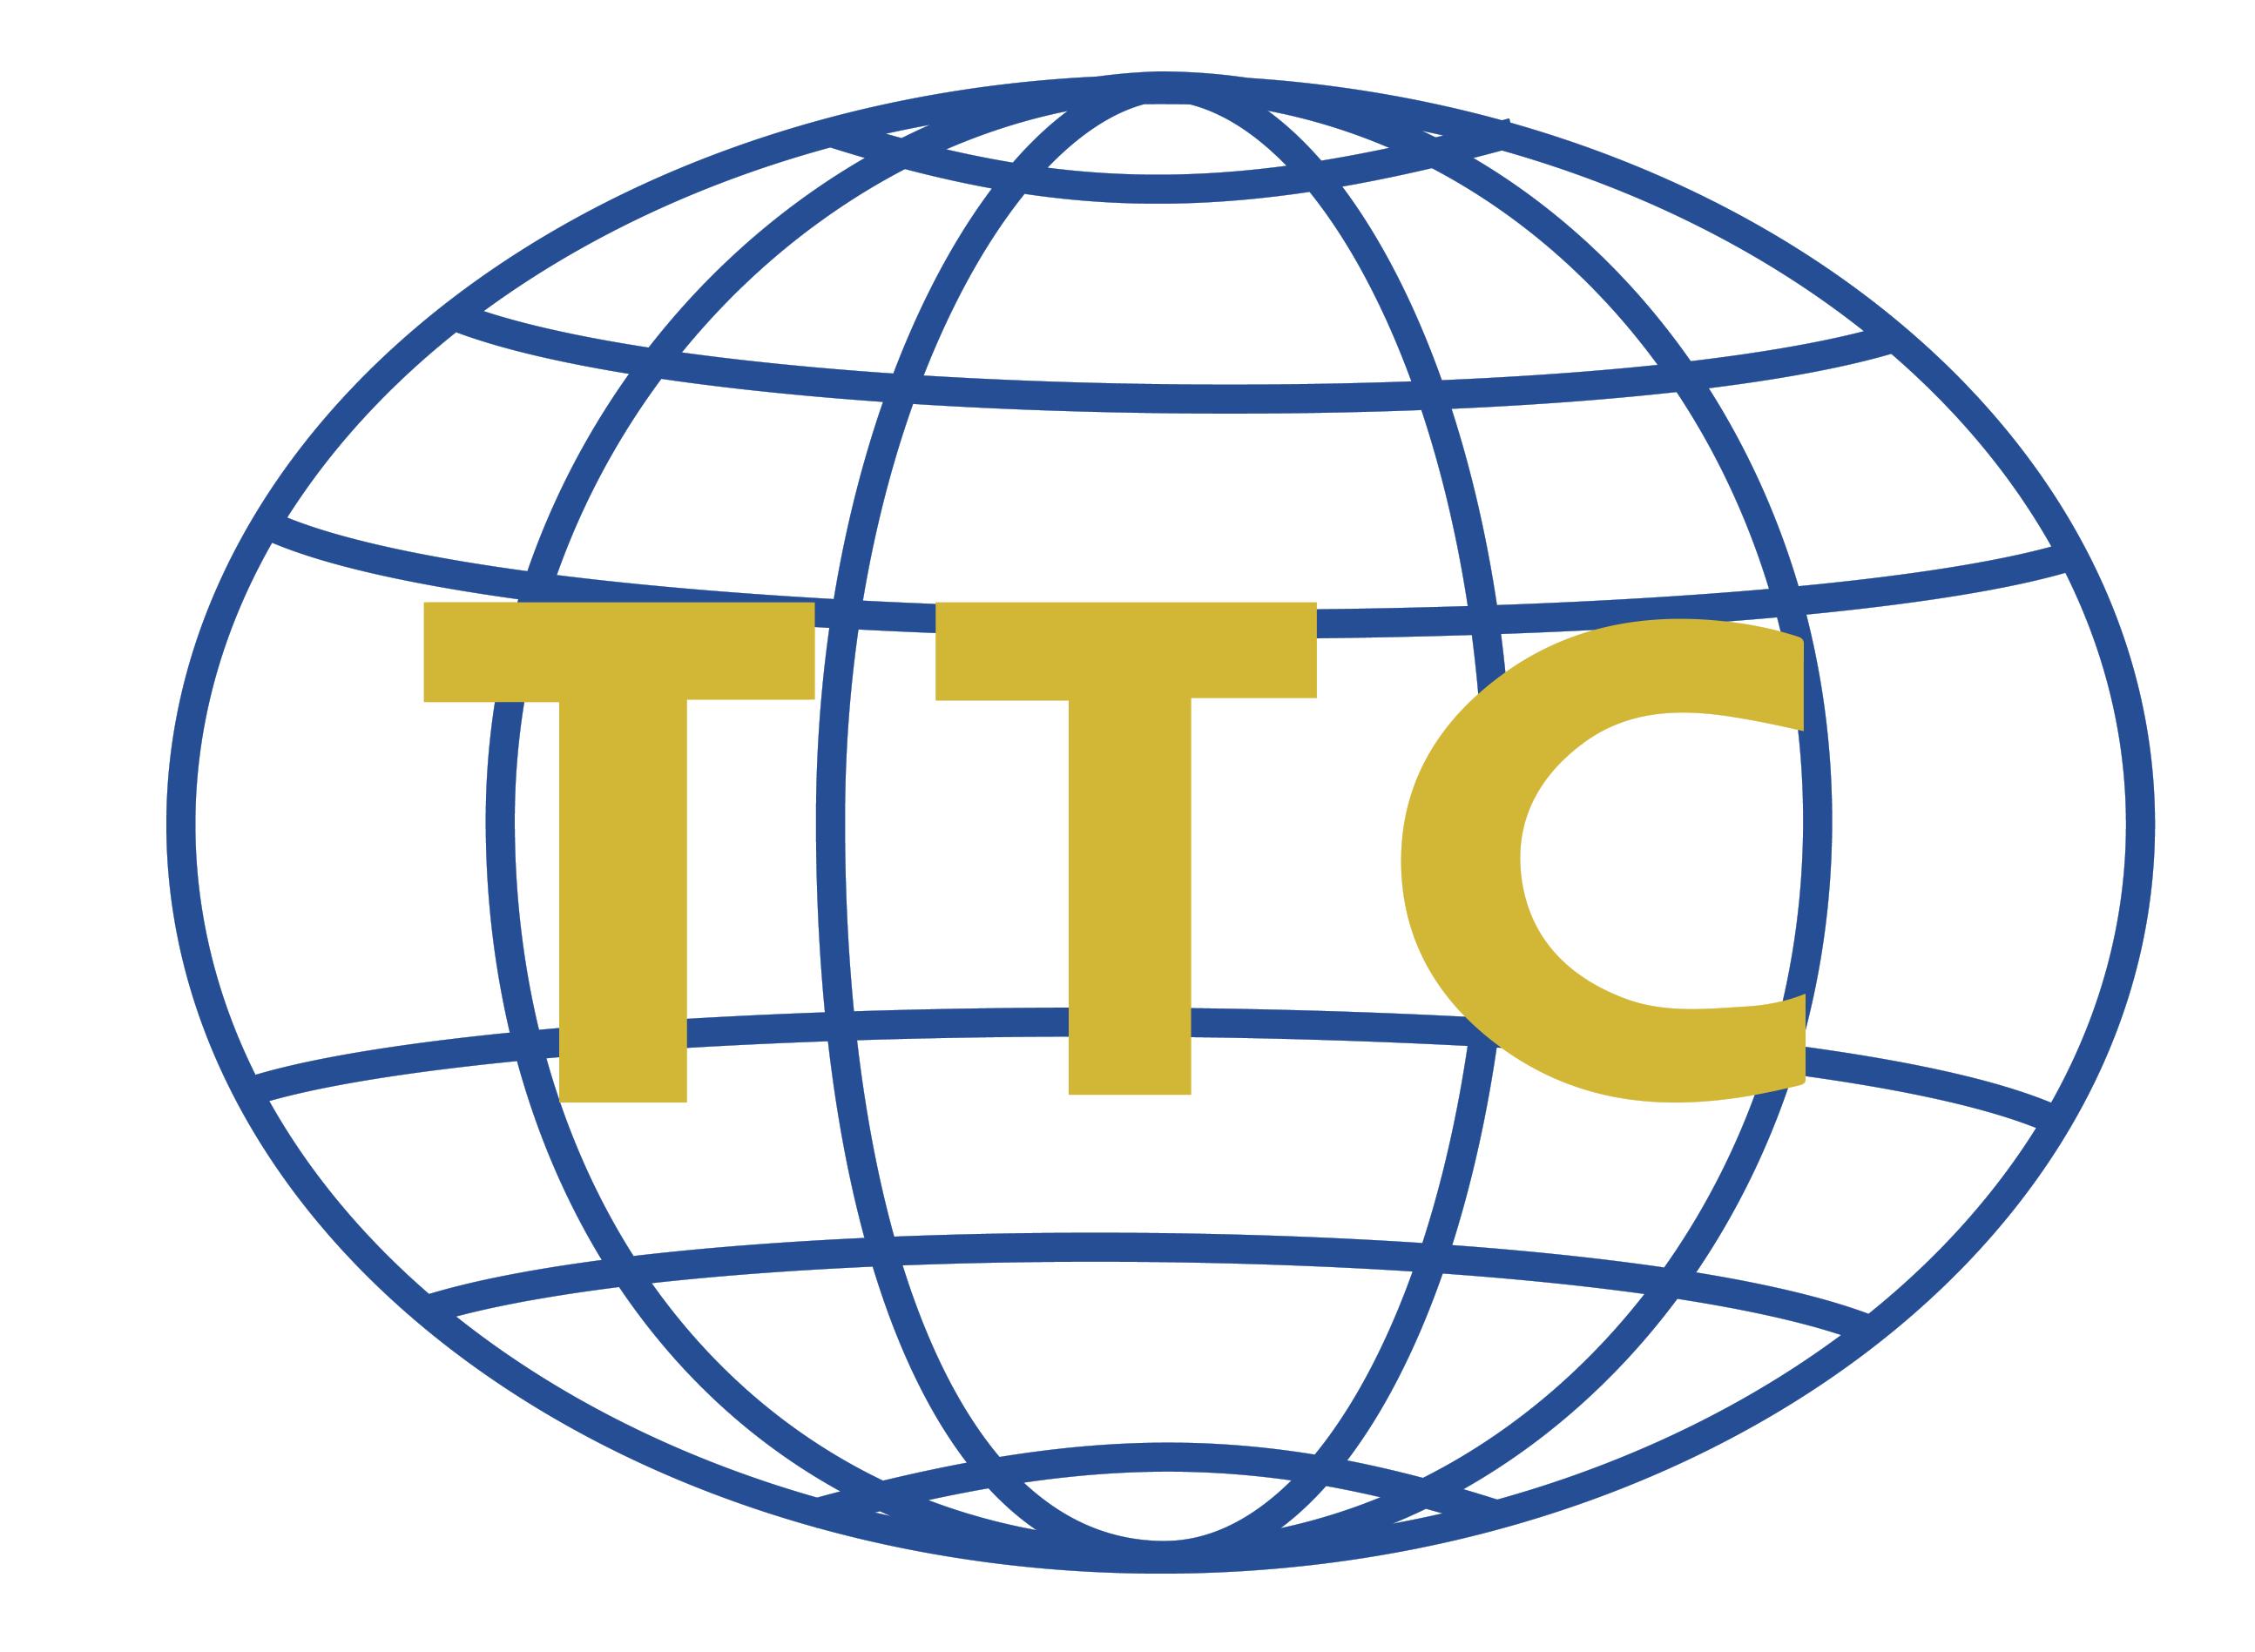 Trinh Thanh Company